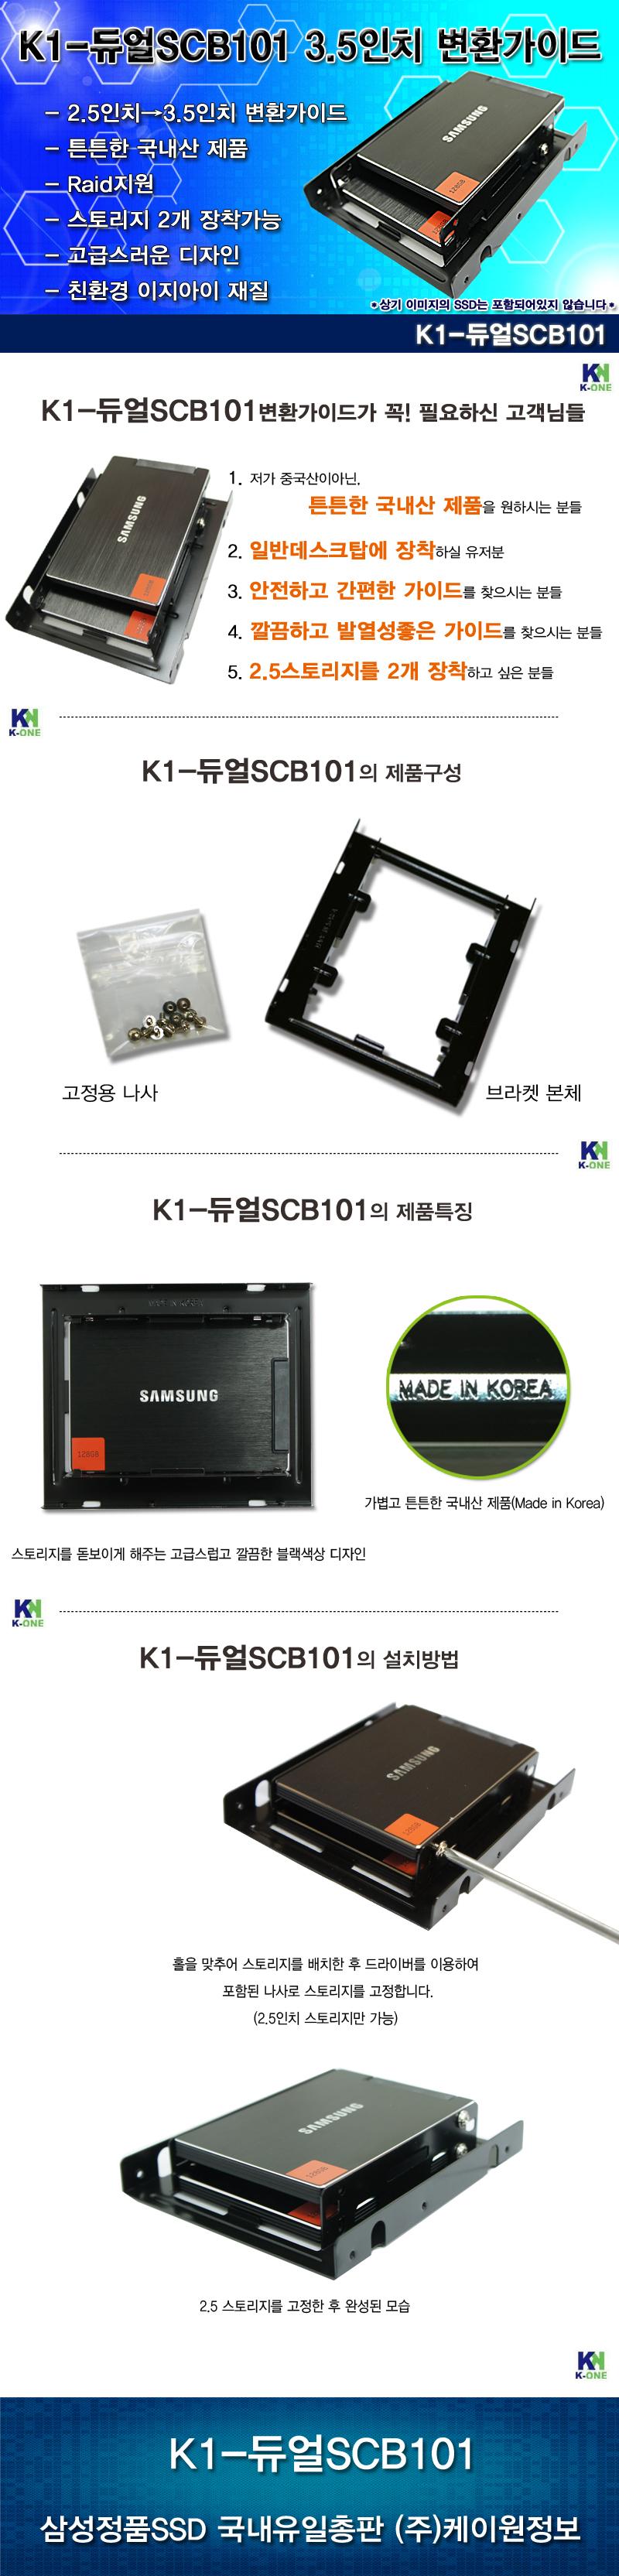 [(주)케이원정보]K1-듀얼 SCB101